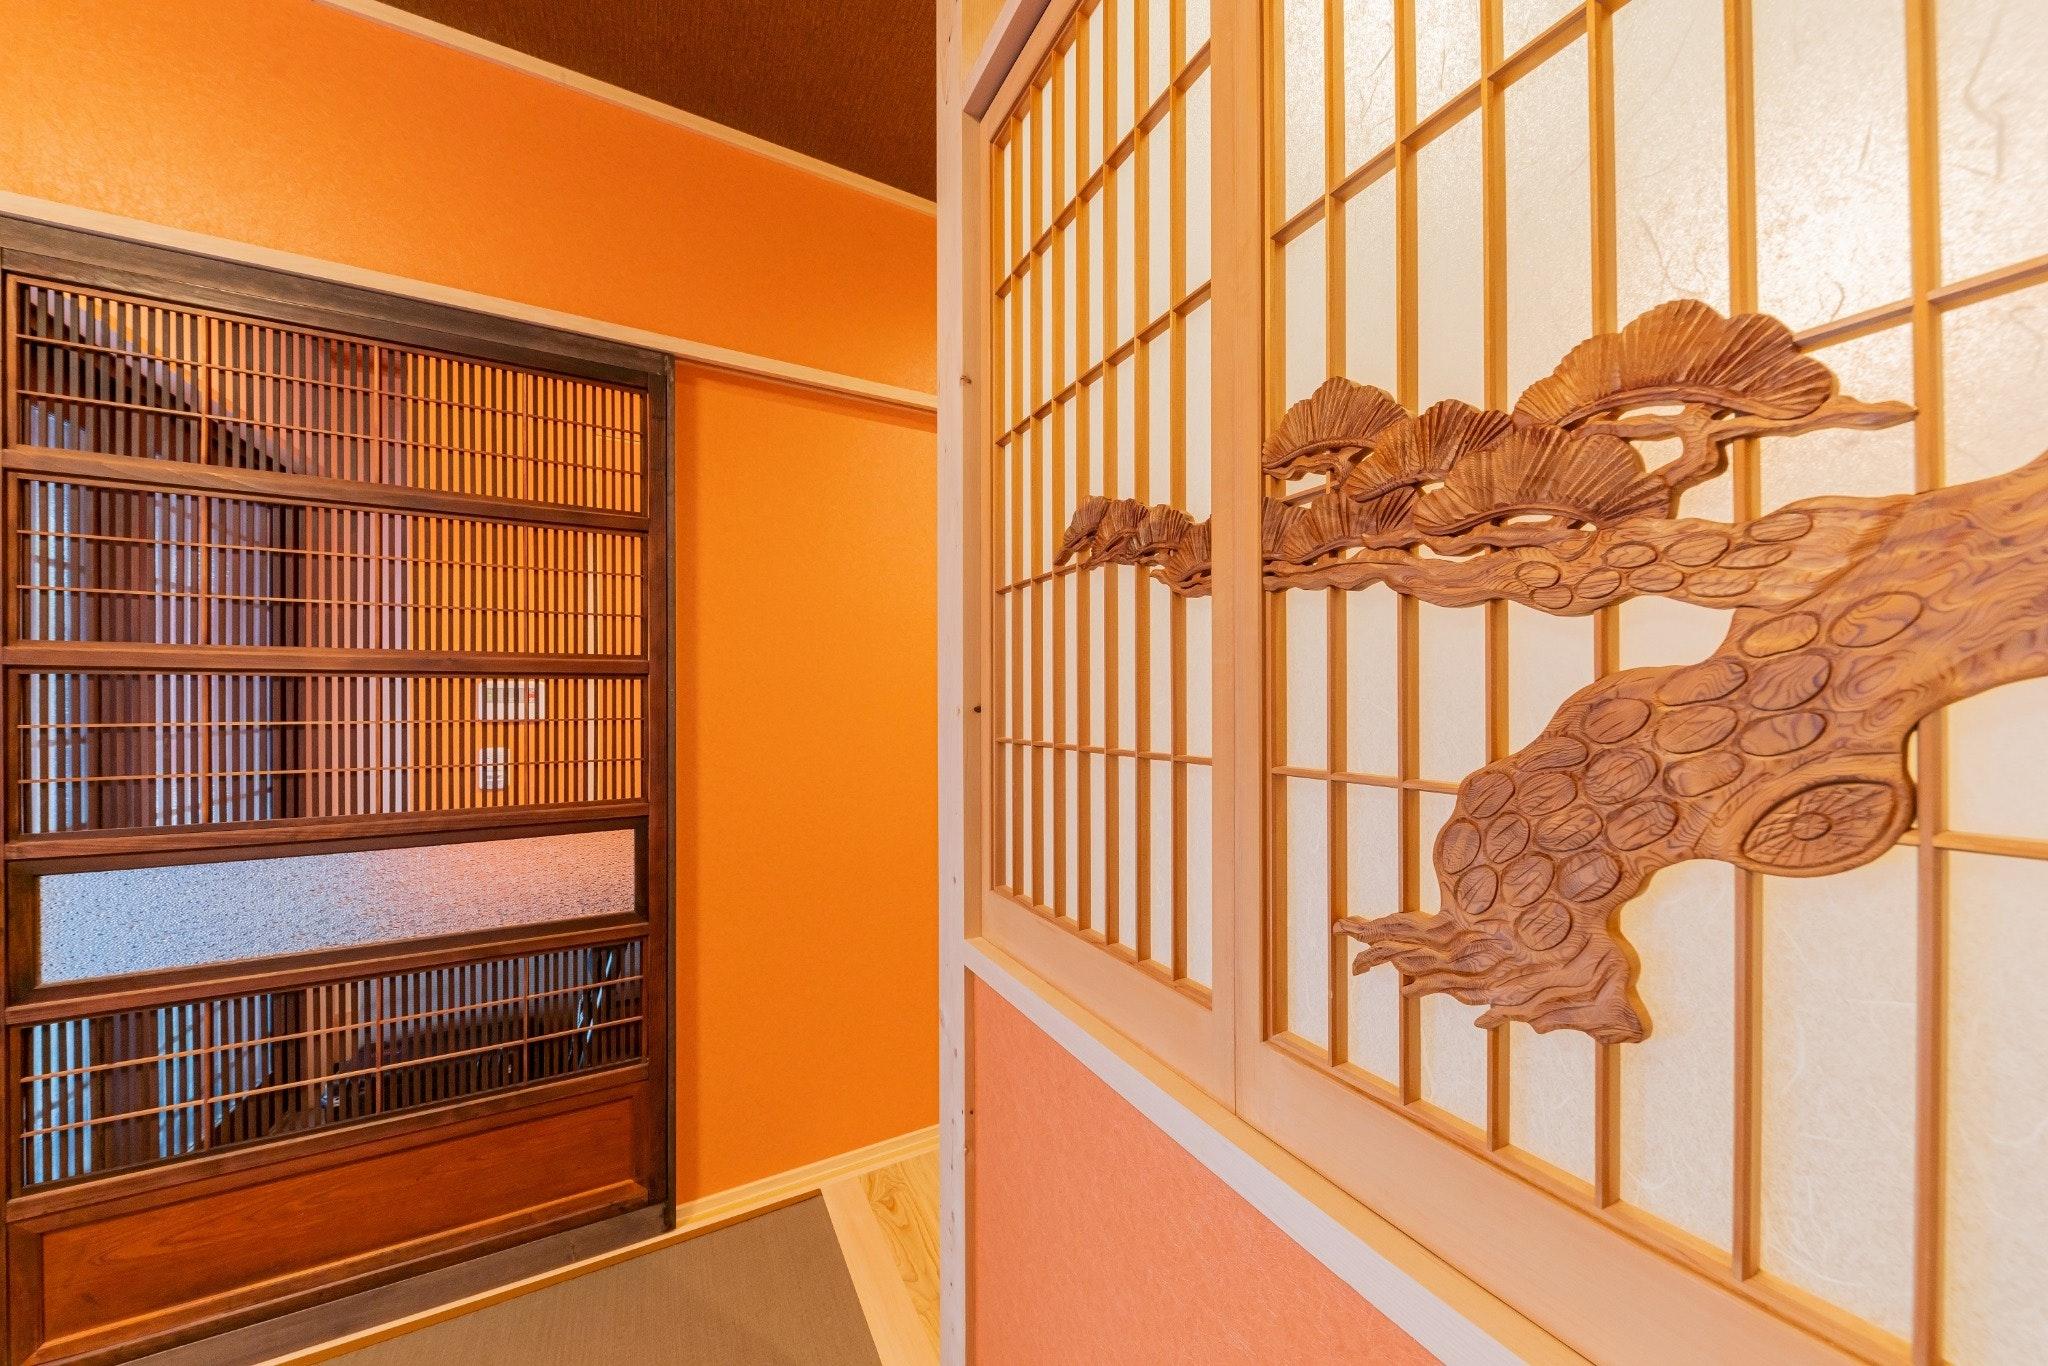 【宿家】A千の里 浅草駅徒歩8分 新築和風の1軒貸切宿、家族やグループ、同窓会にも!